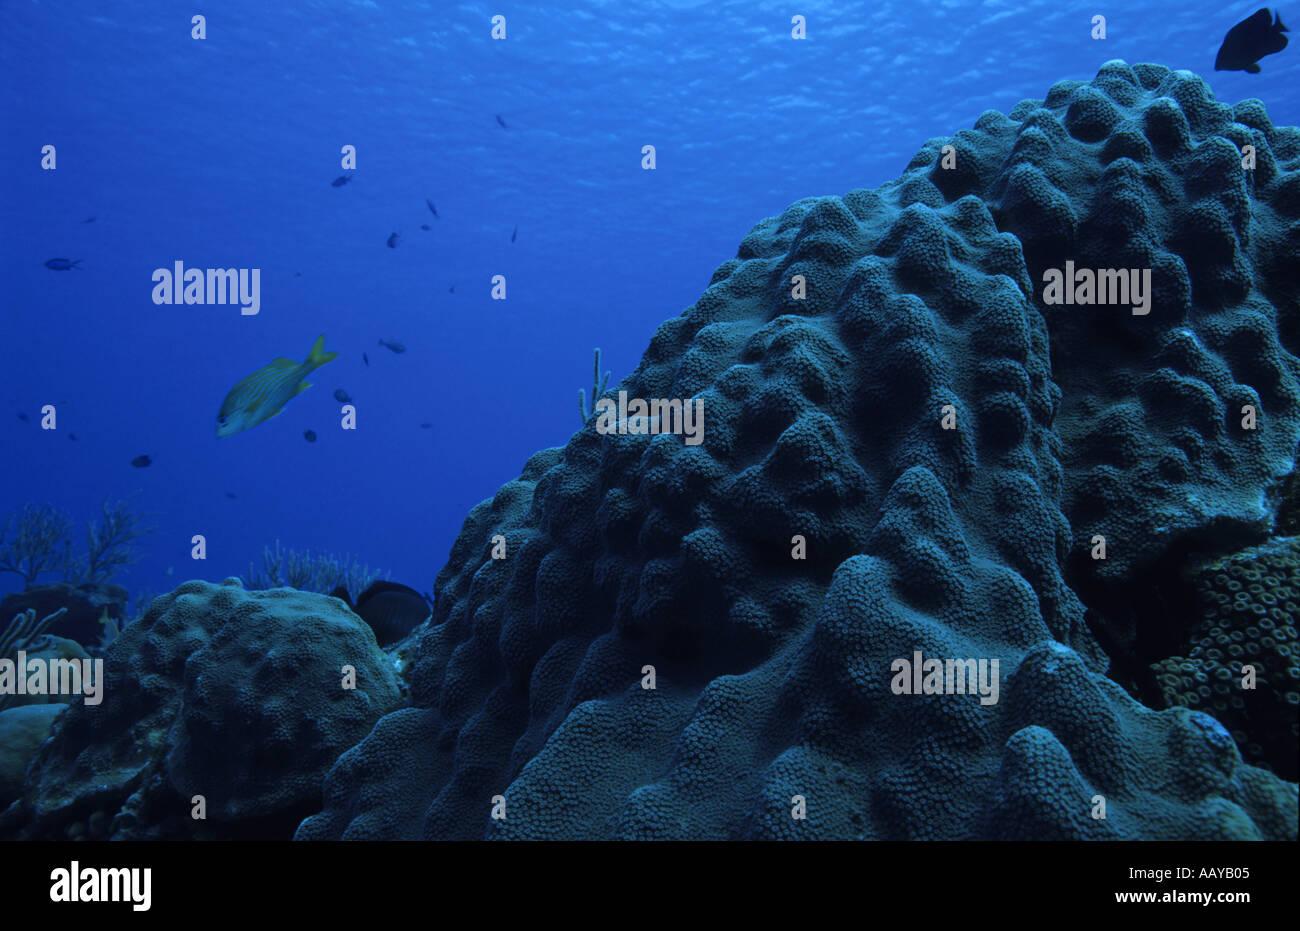 La Isla de Cozumel México paraíso de coral y peces Imagen De Stock